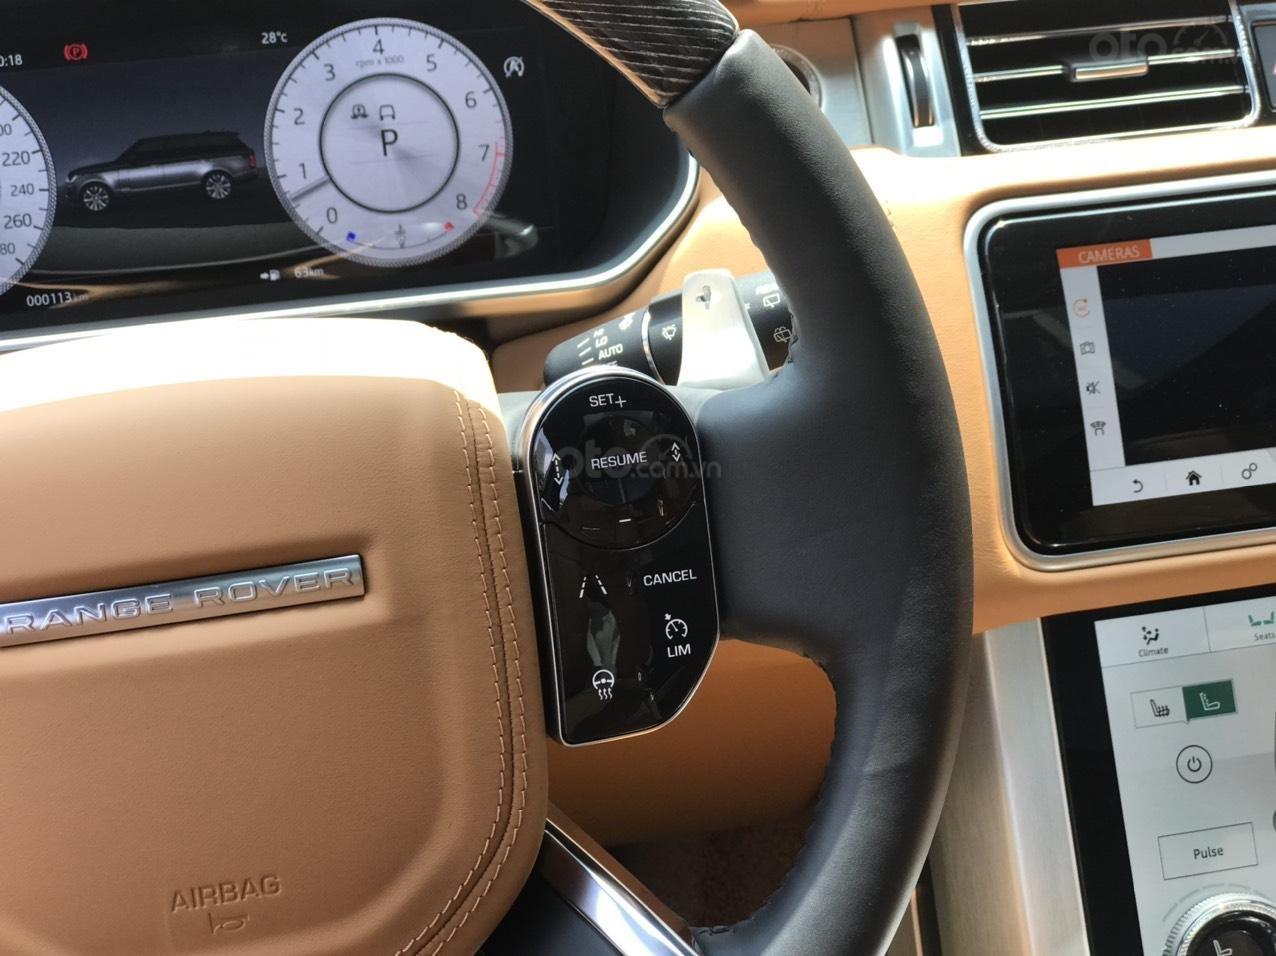 Bán xe Range Rover SV Autobiography 3.0 màu đỏ 2020, xe có sẵn giao ngay toàn quốc, giá tốt LH Ms Hương (11)